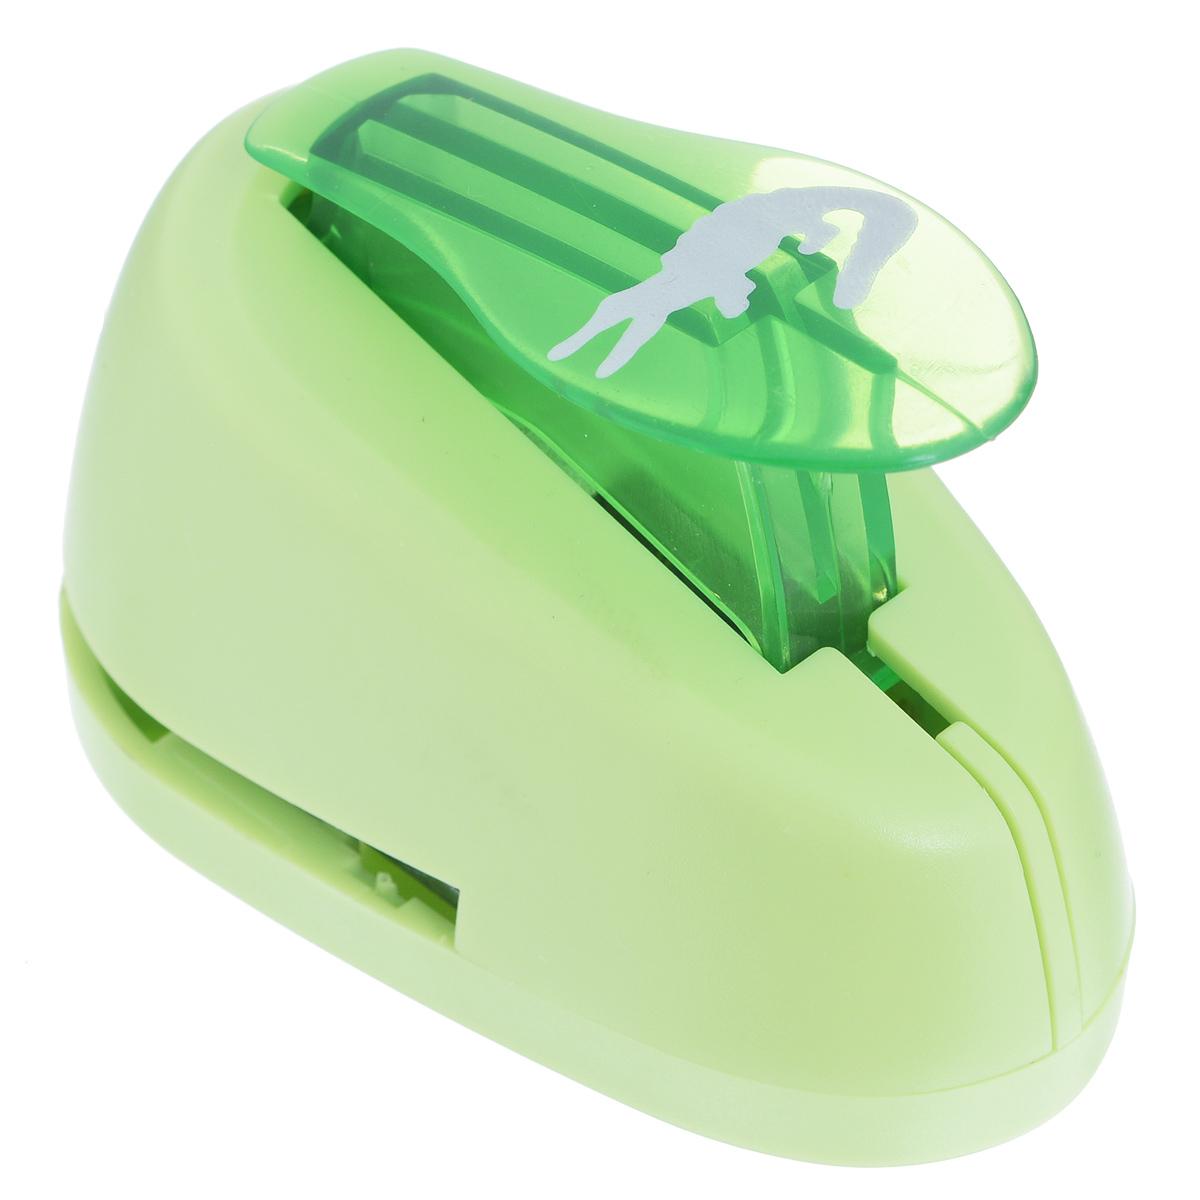 Дырокол фигурный Астра Крокодил. CD-99MFS-36055Дырокол Астра Крокодил поможет вам легко, просто и аккуратно вырезать много одинаковых мелких фигурок.Режущие части компостера закрыты пластмассовым корпусом, что обеспечивает безопасность для детей. Вырезанные фигурки накапливаются в специальном резервуаре. Можно использовать вырезанные мотивы как конфетти или для наклеивания. Дырокол подходит для разных техник: декупажа, скрапбукинга, декорирования.Размер дырокола: 8 см х 5 см х 5 см. Размер готовой фигурки: 2,4 см х 1,2 см.